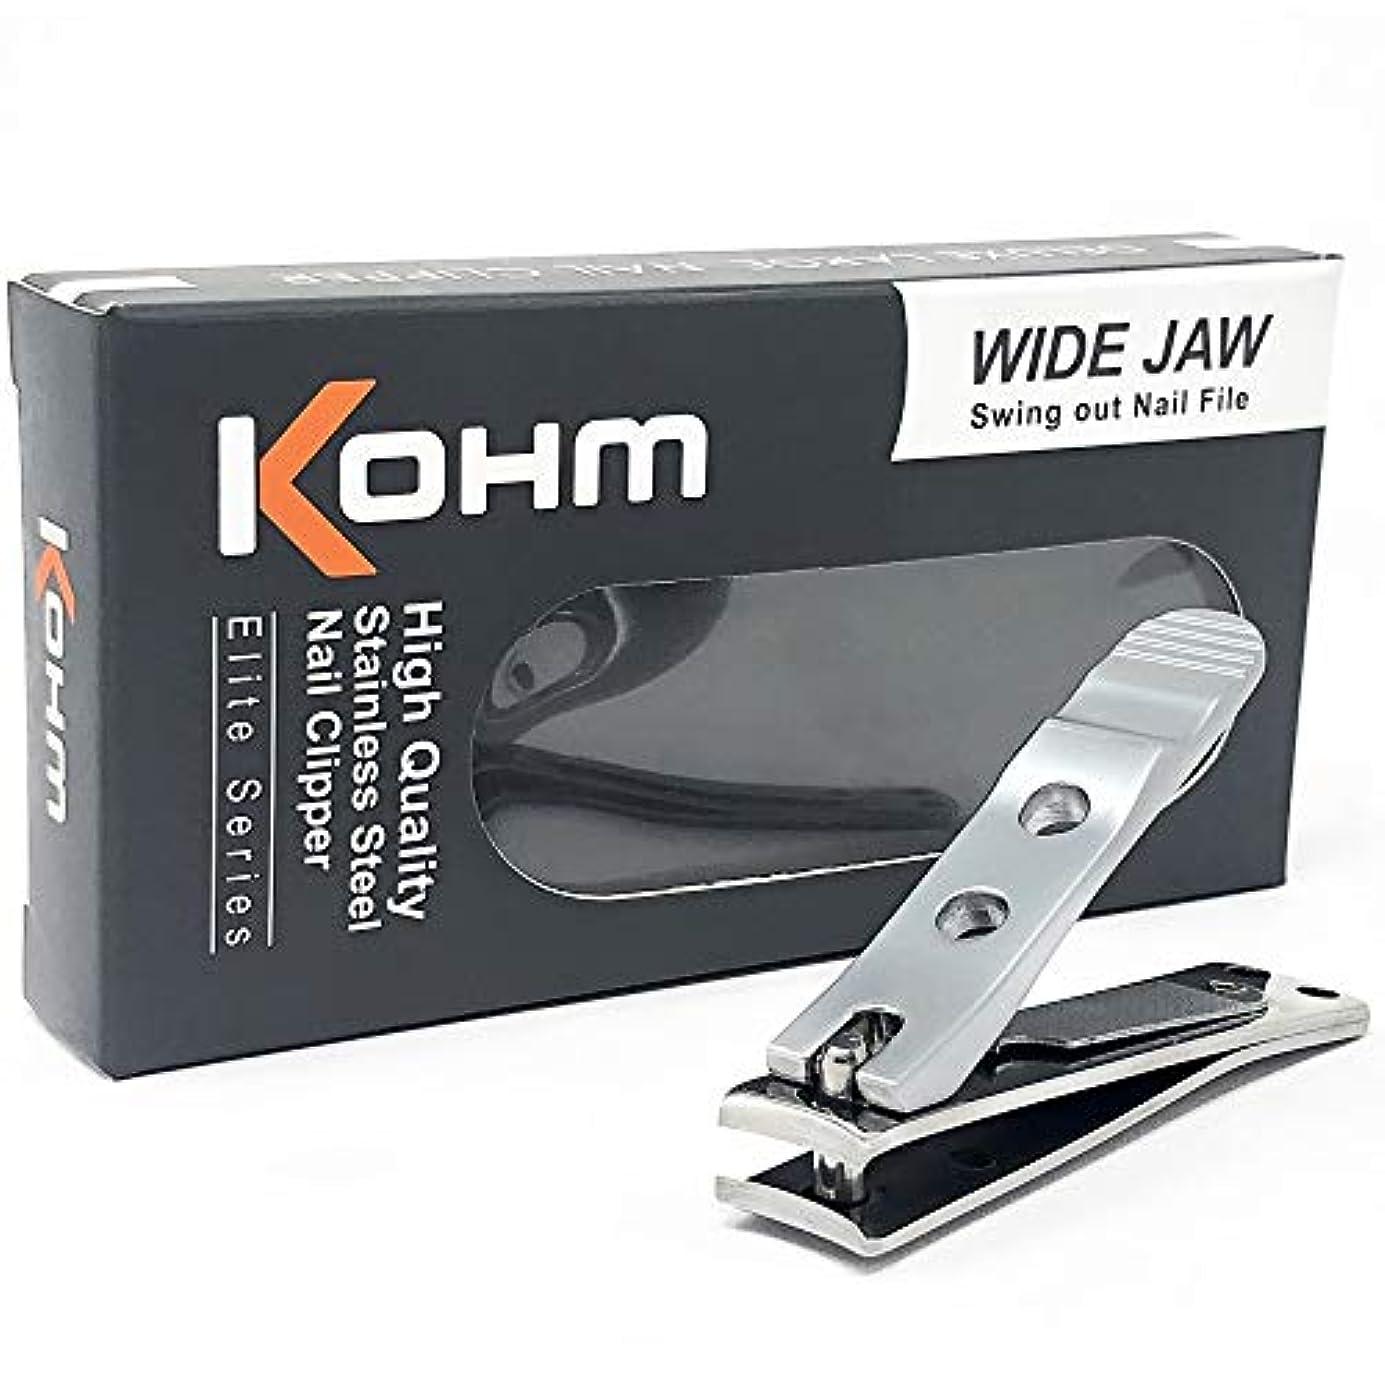 ラベル残基責めKohm WHS-440L厚手の爪のための足のつかみ4mmの広い顎、湾曲した刃、釘のファイル、ヘビーデューティ。